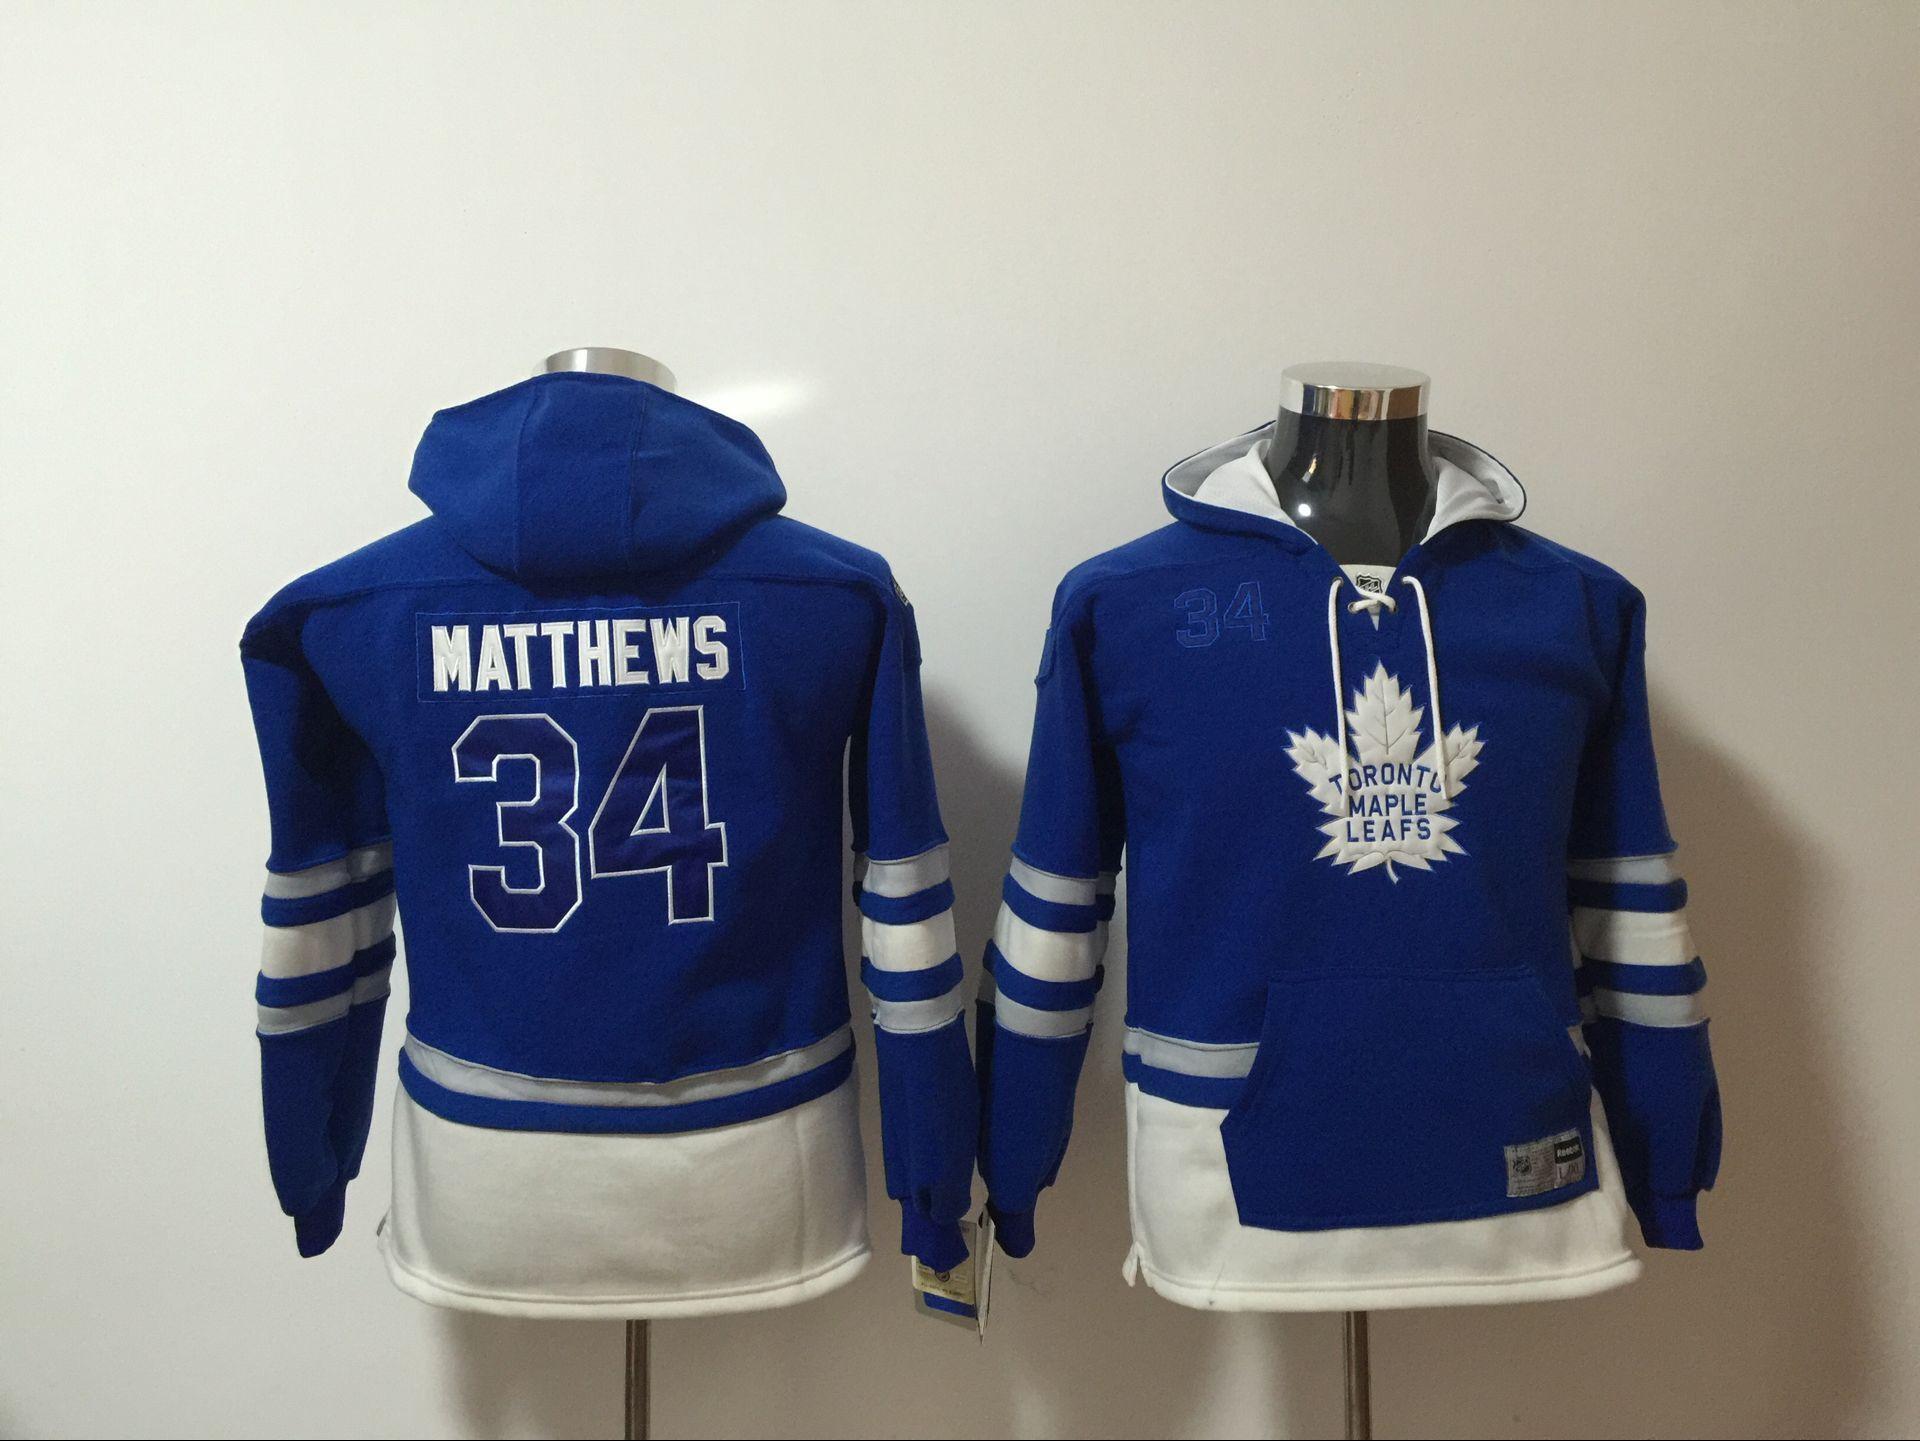 37969e0eea1 Men 2017 NHL Toronto Maple Leafs 34 Matthews Jerseys